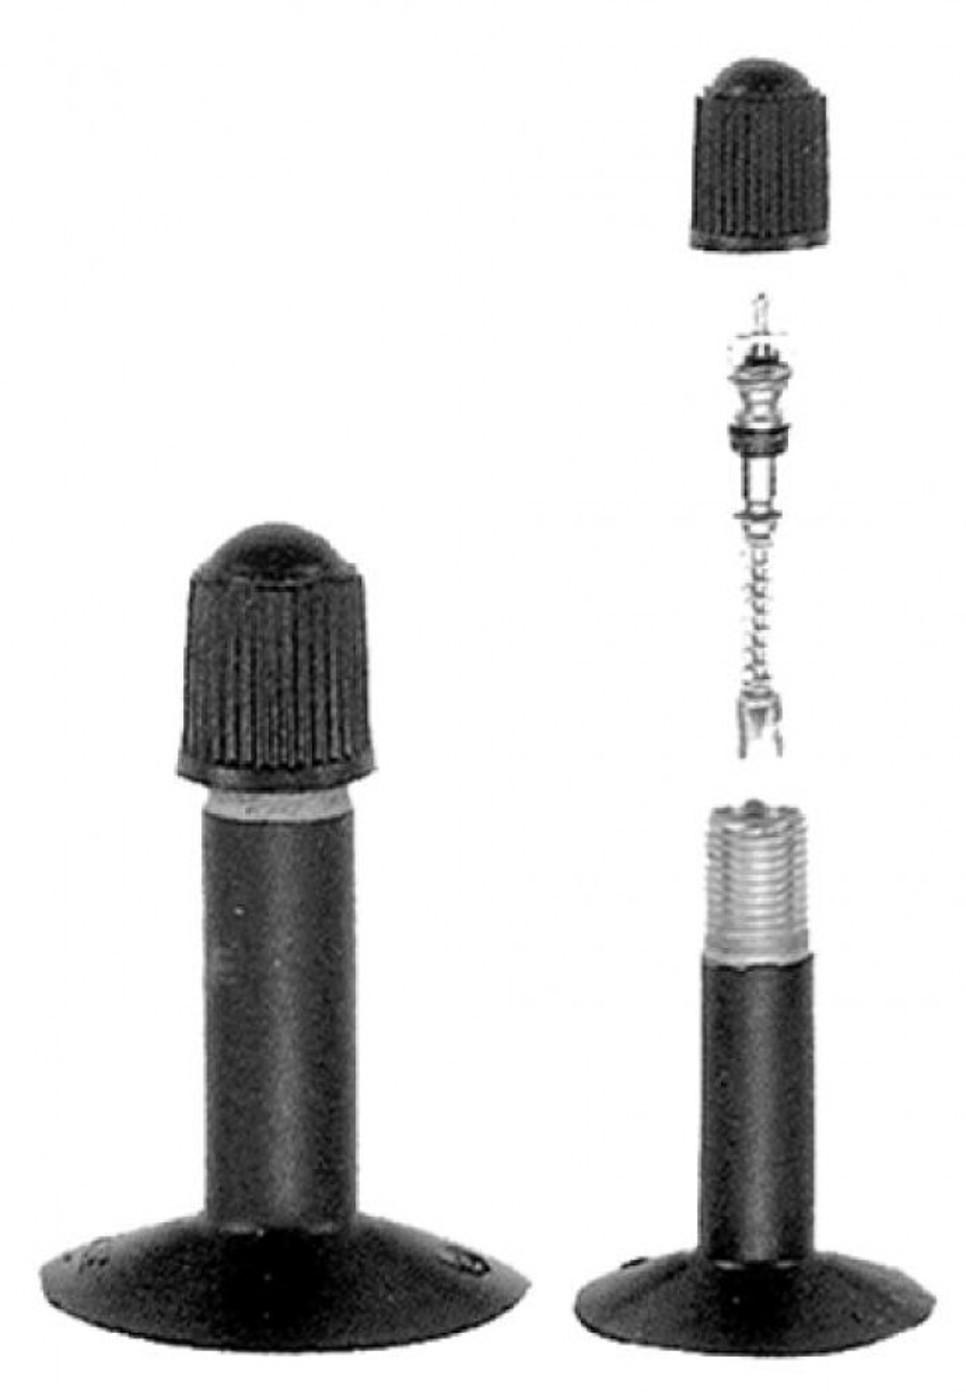 KENDA Schlauch 14x1,75-2,125 A/V